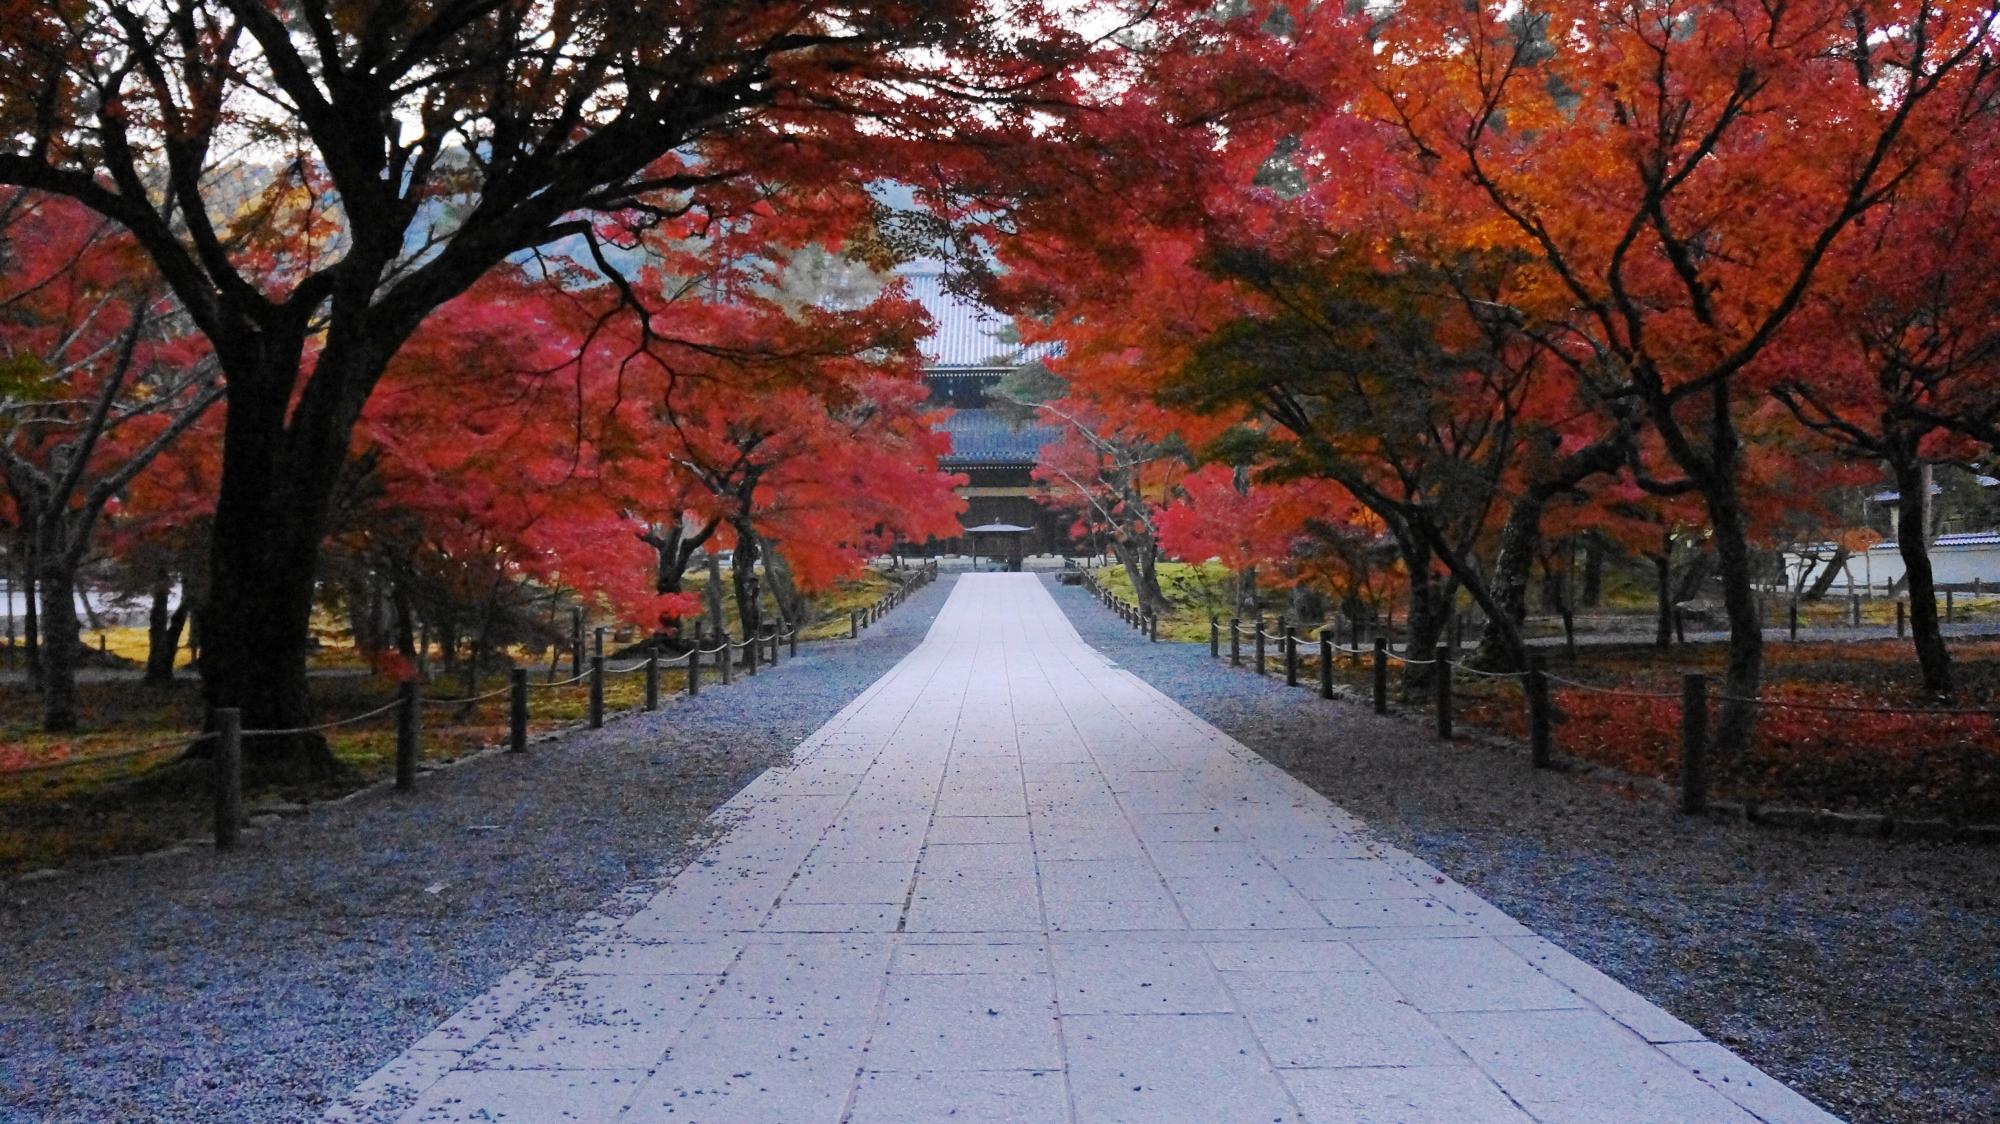 南禅寺の法堂と紅葉